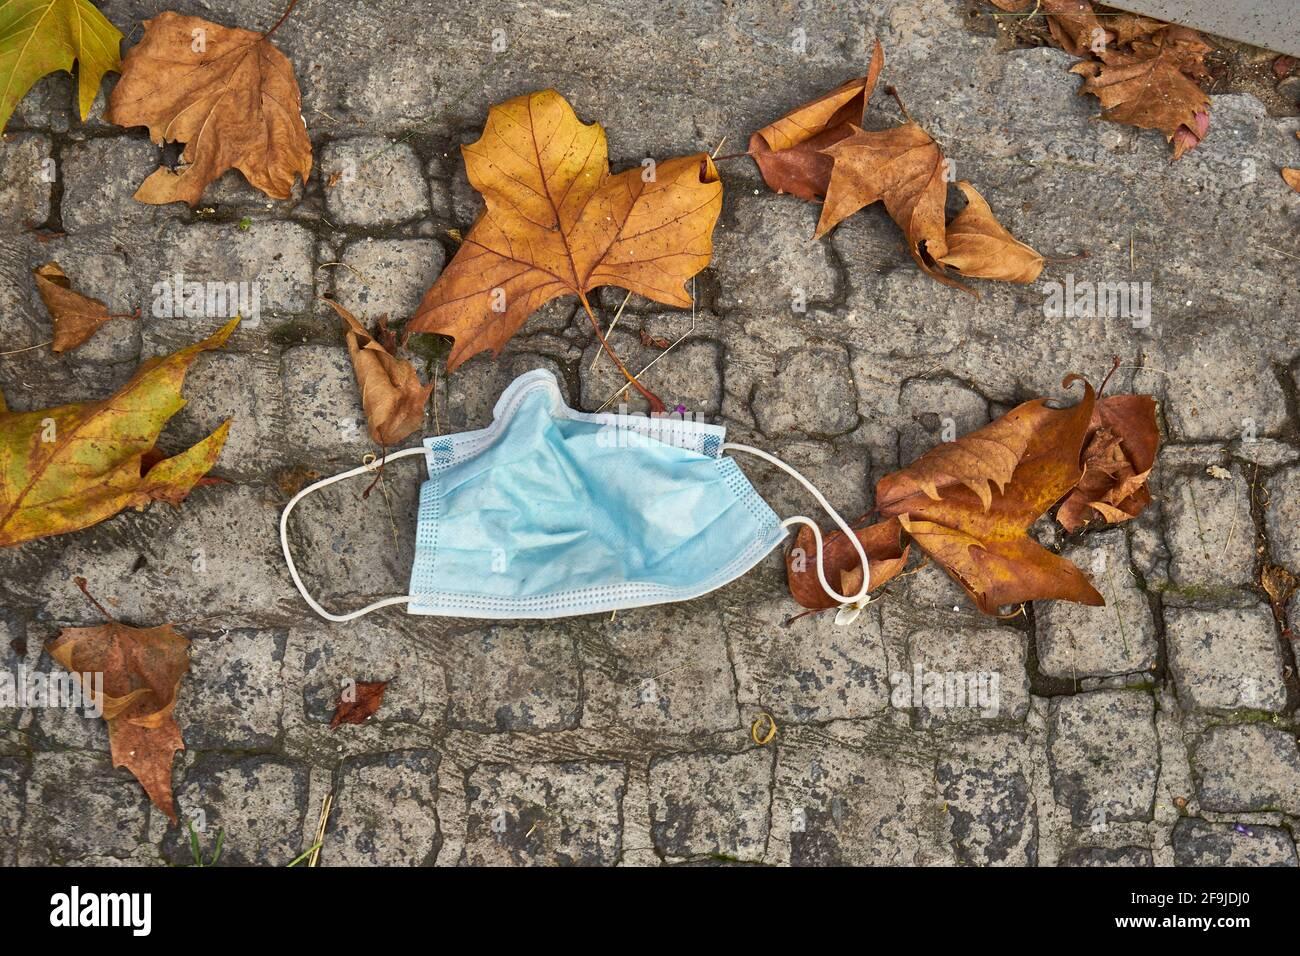 Einweg-Schutzmaske auf dem Boden neben Herbstlaub, Mund-Nase-Bedeckung, Infektionsschutz gegen Covid 19, Berlin, Deutschland Stock Photo